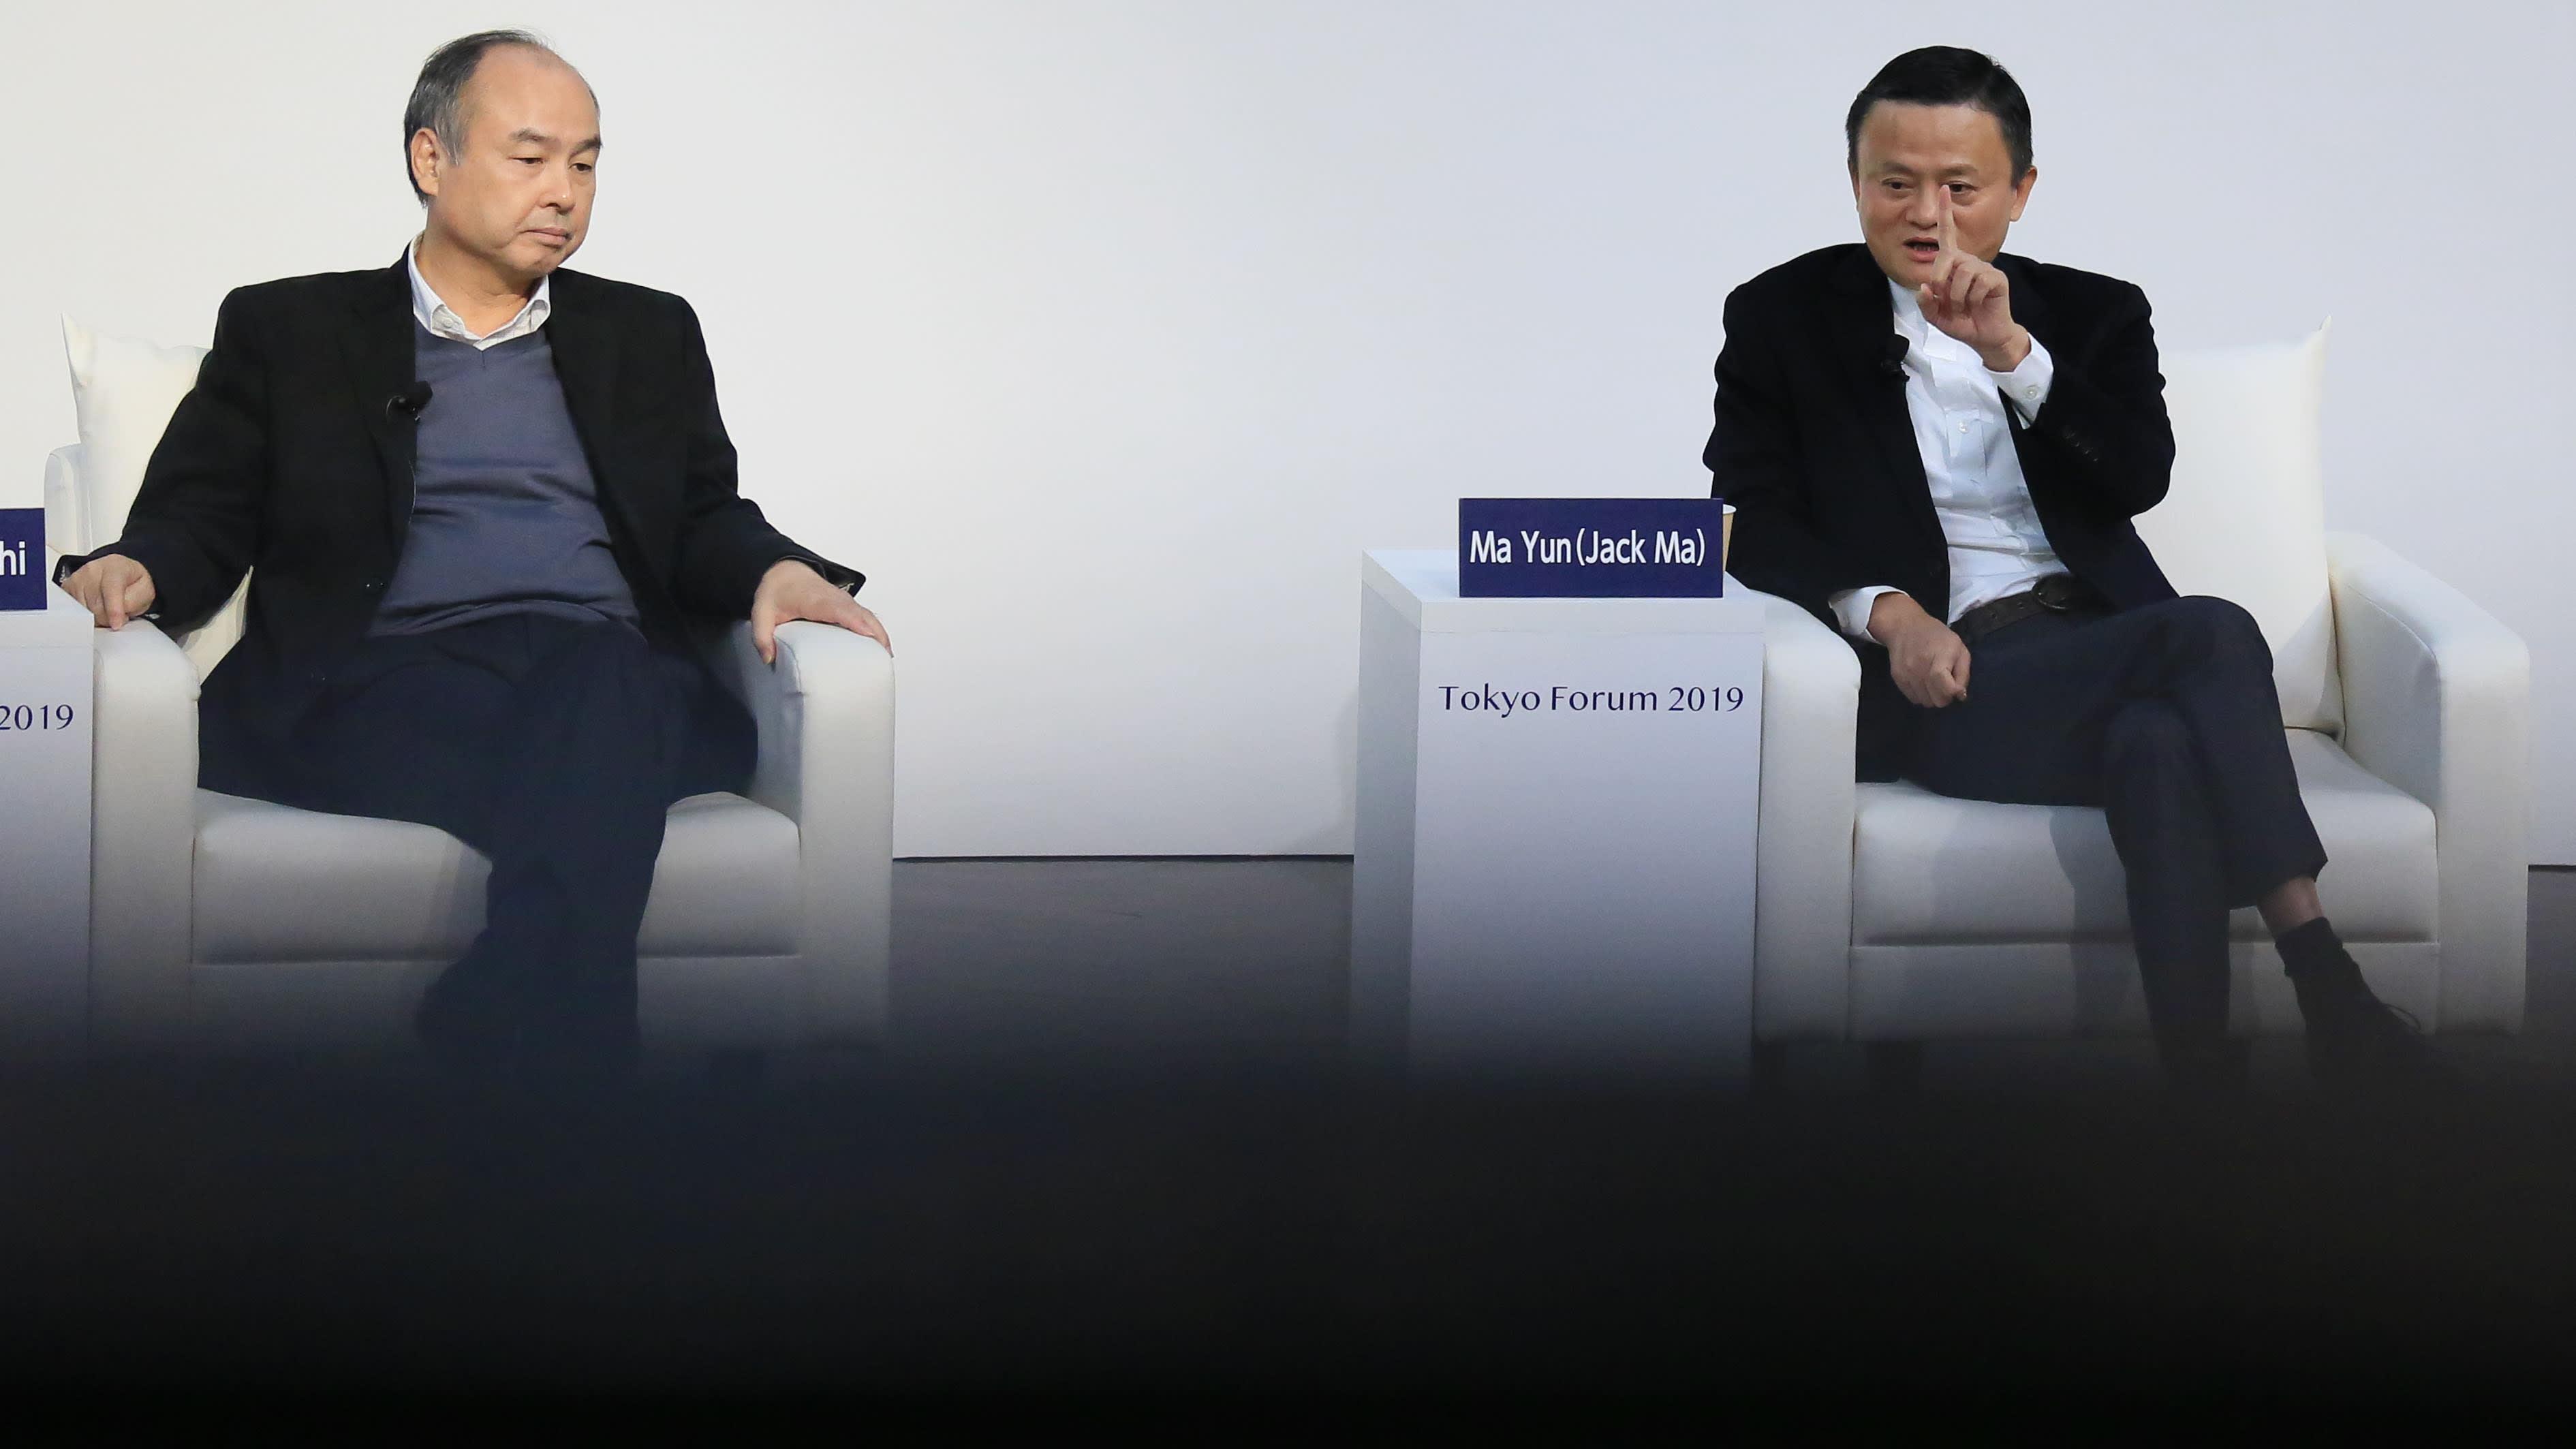 Vừa mất ngôi giàu nhất Trung Quốc, Jack Ma chia tay SoftBank sau 13 năm gắn bó - Ảnh 1.